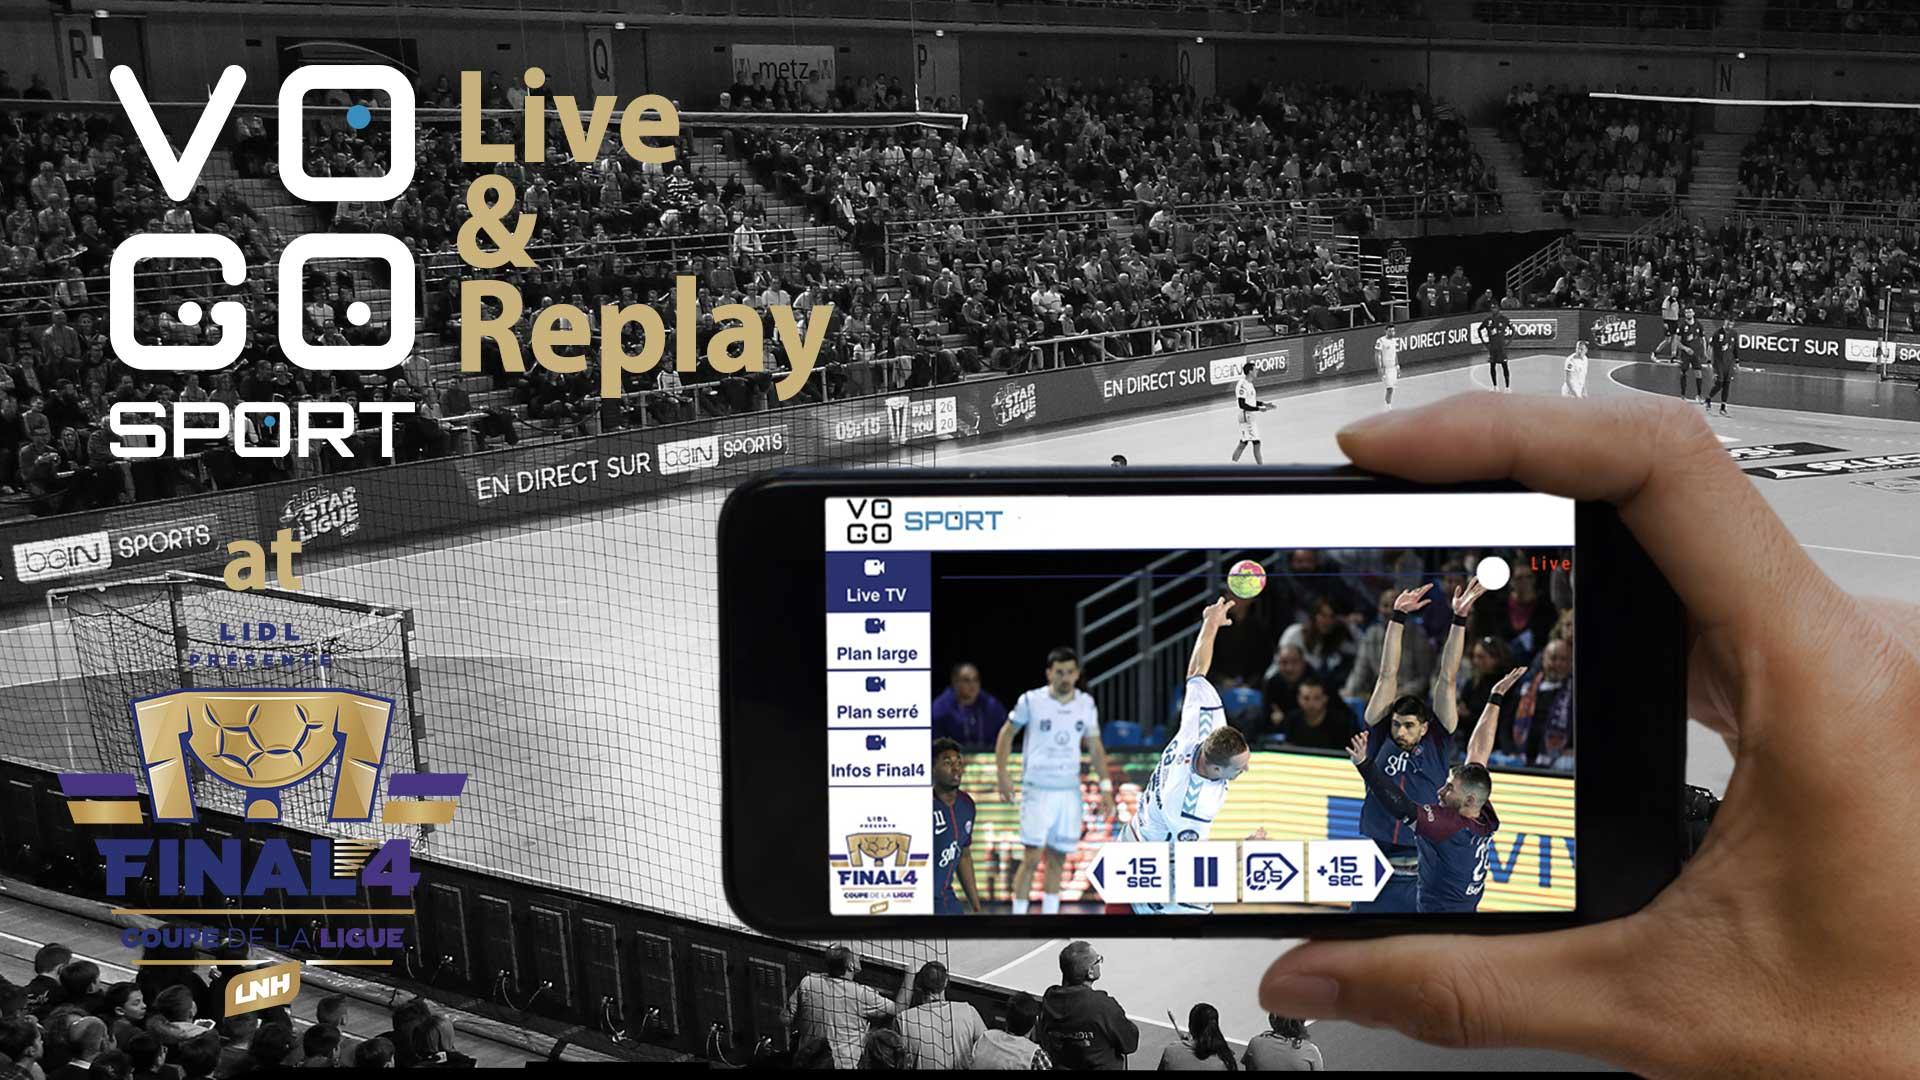 VOGO SPORT au Final4 de Coupe de la Ligue!